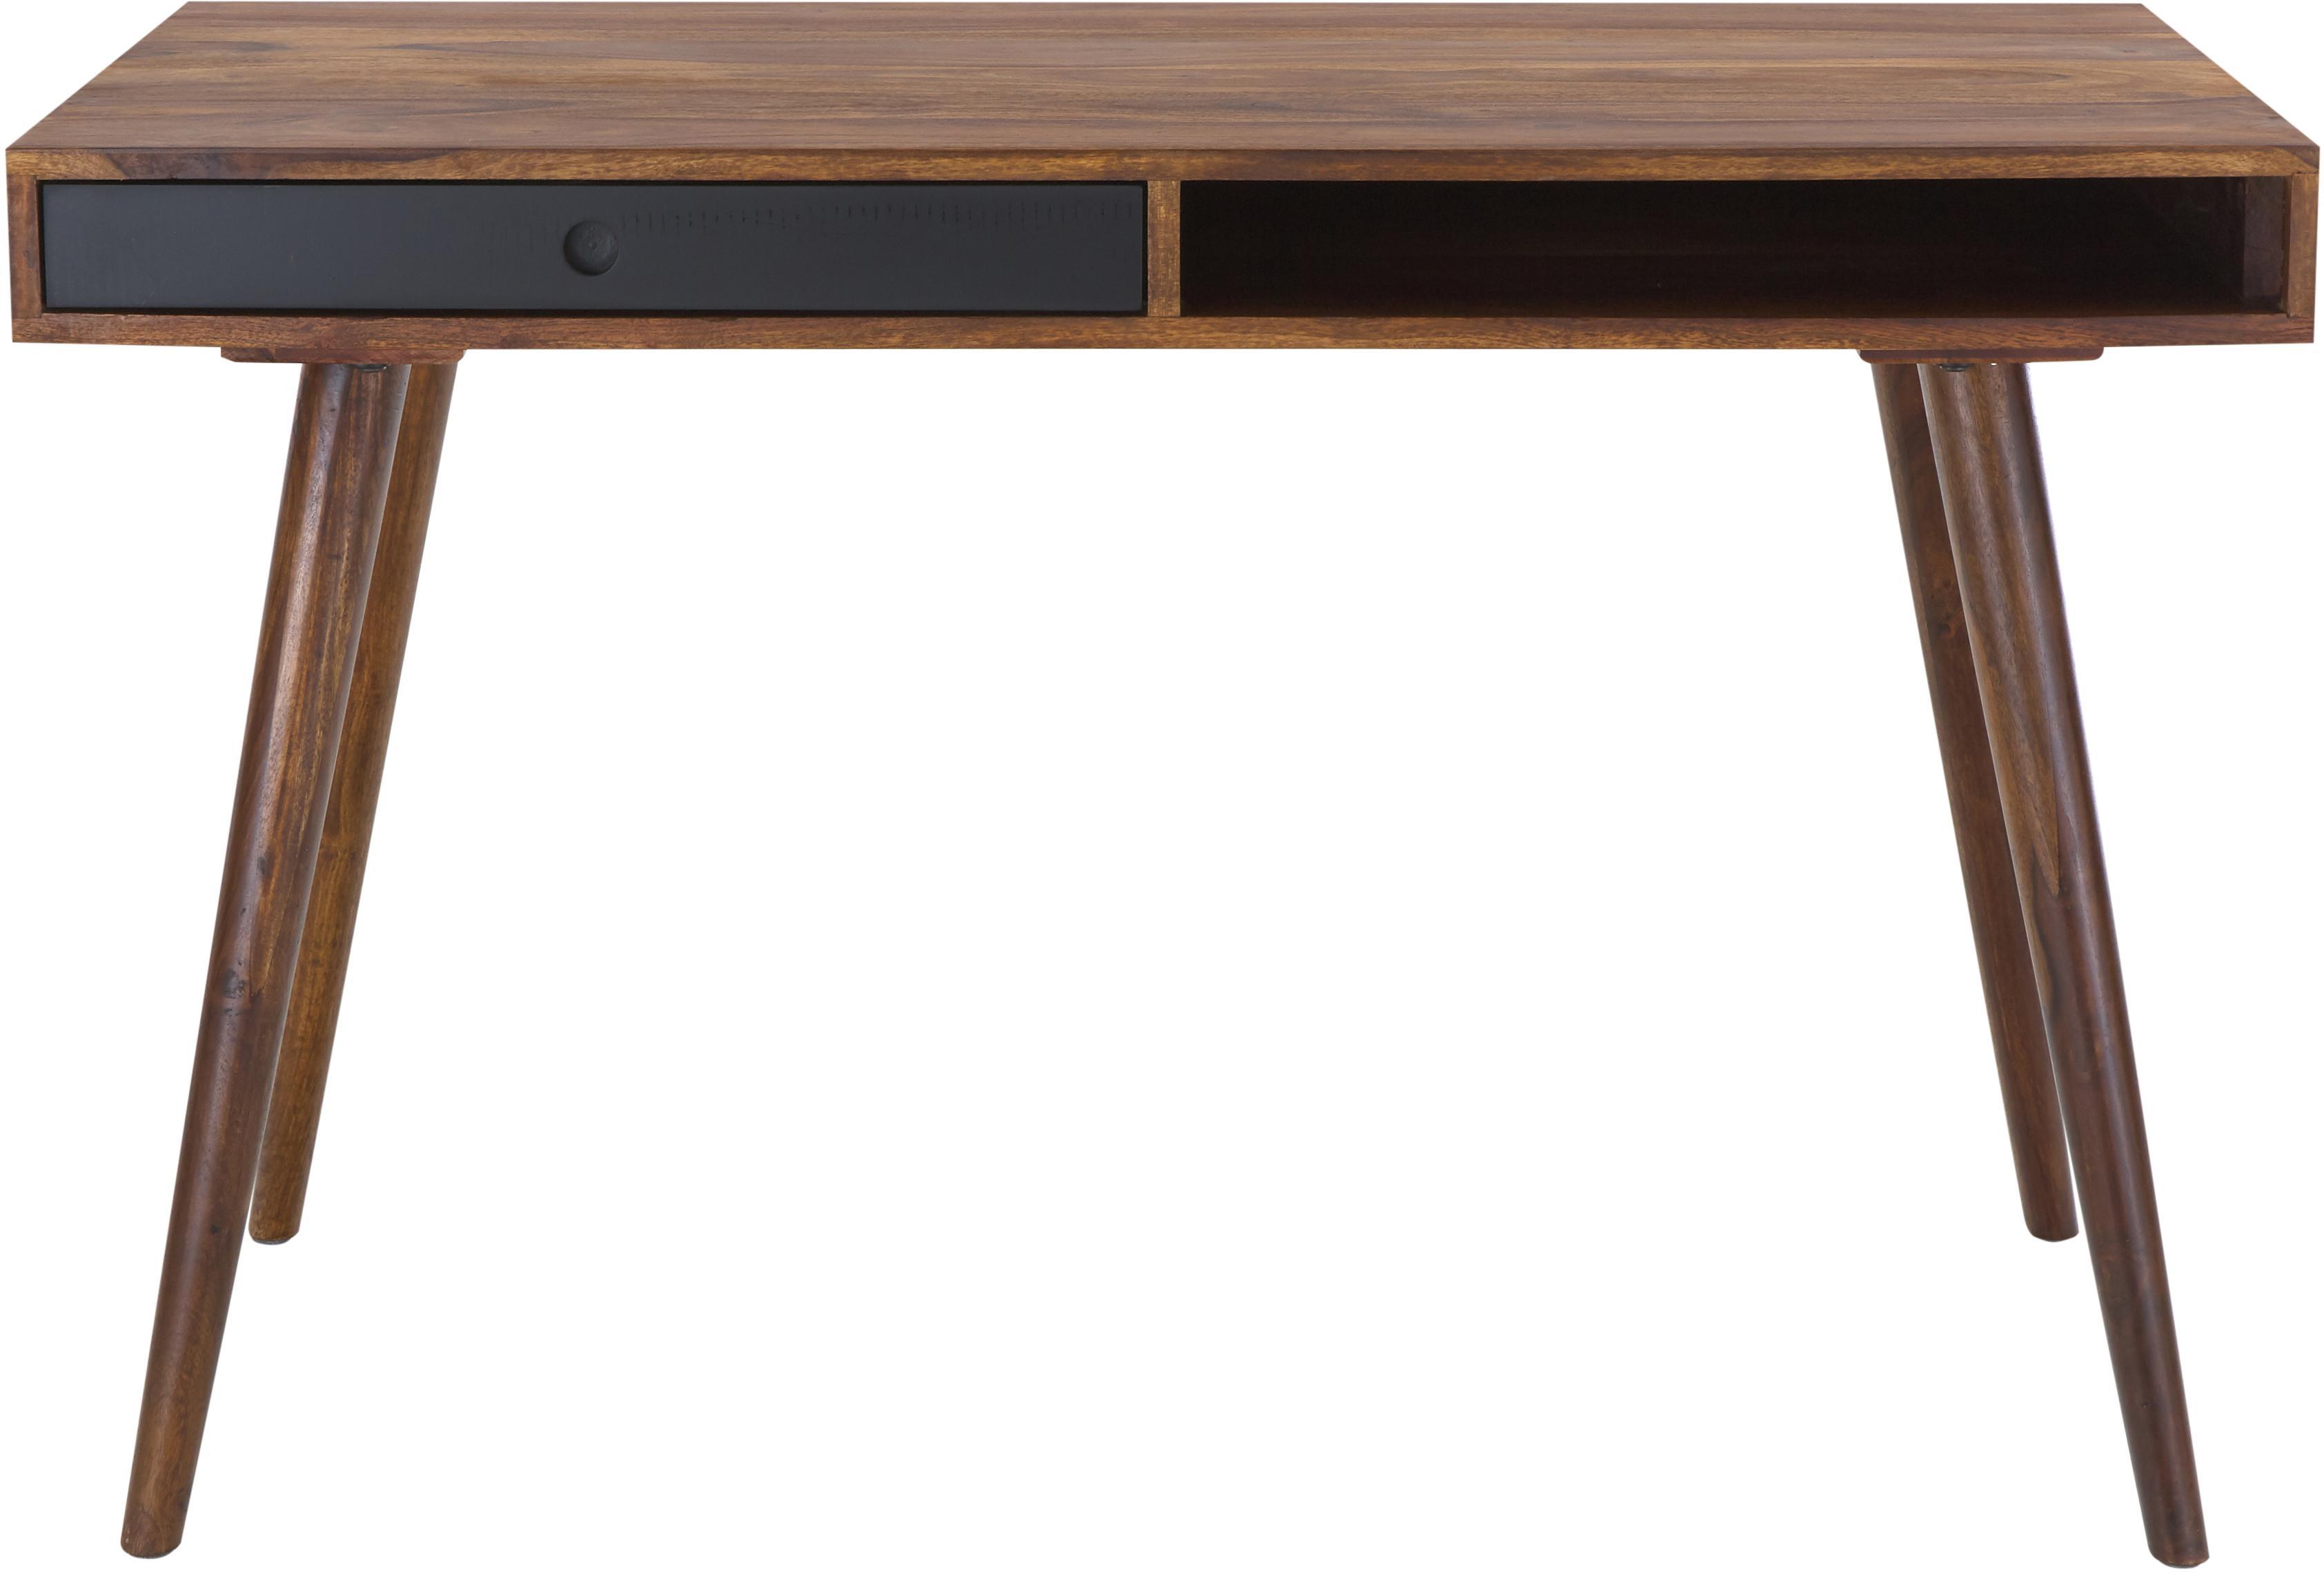 Scrivania in legno massello con cassetto Repa, Legno di Sheesham massello e verniciato, Legno di Sheesham, nero, Larg. 117 x Alt. 60 cm